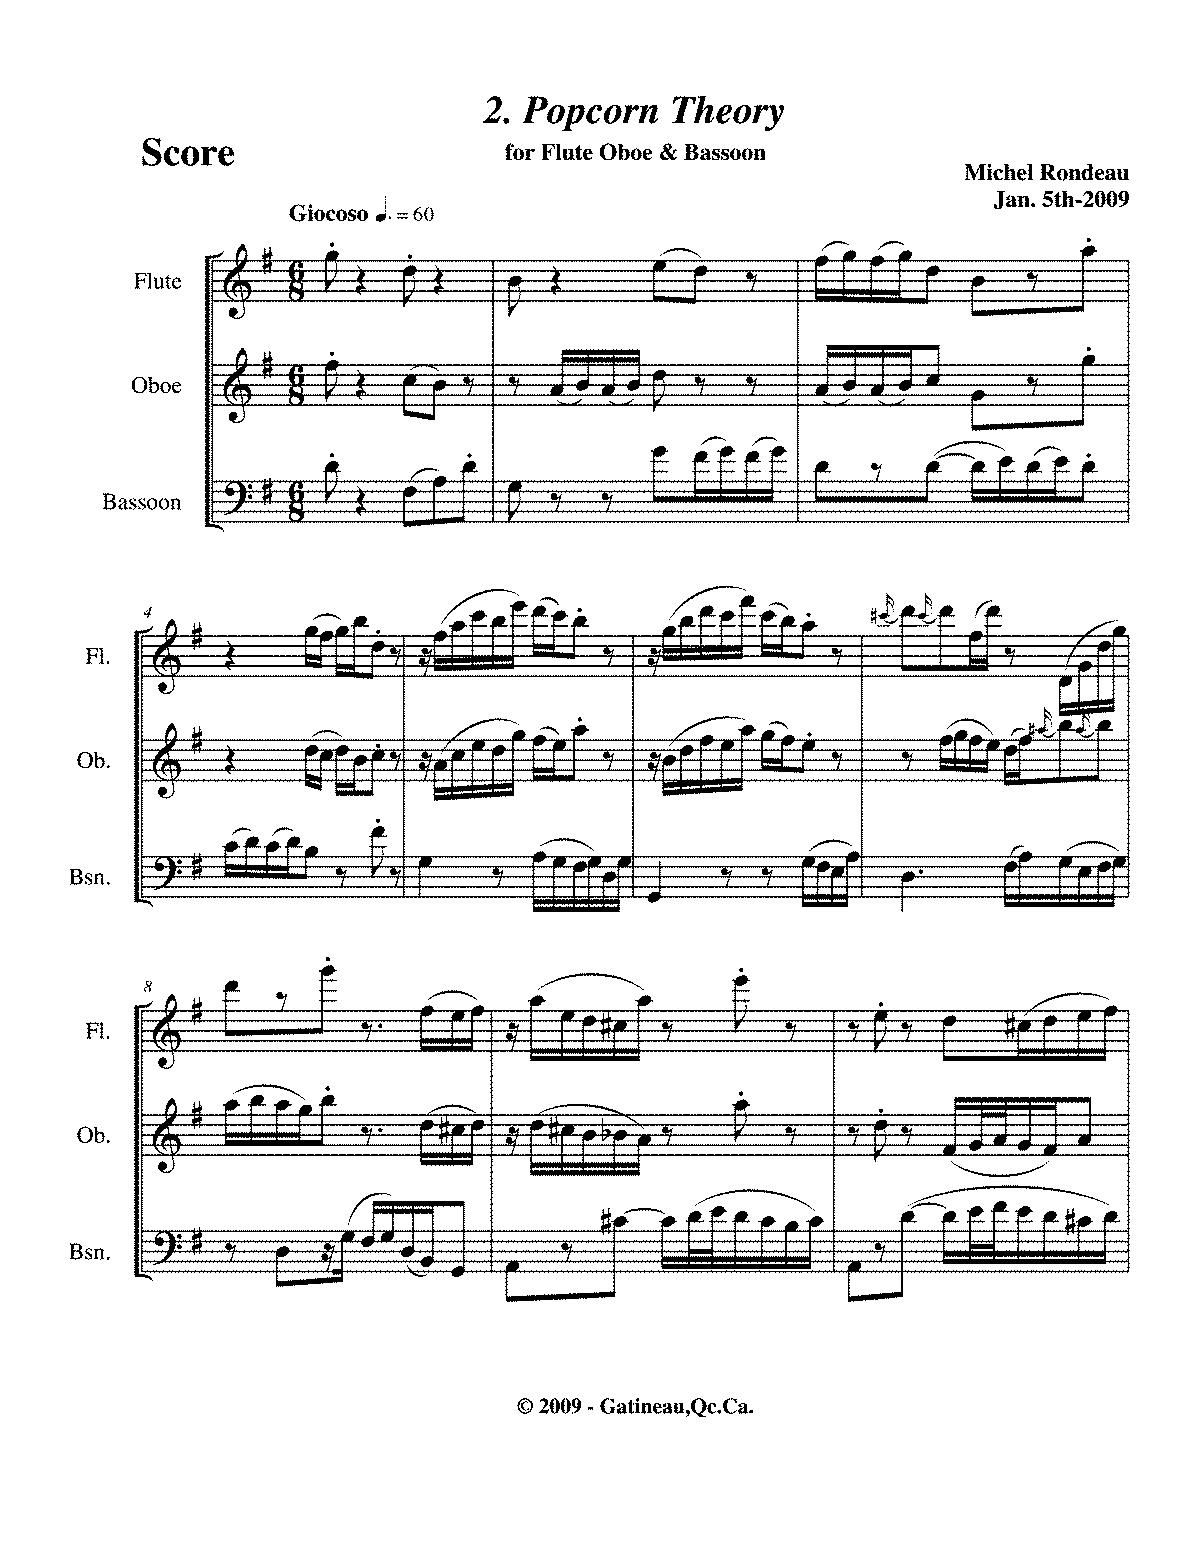 Suite No.18 \'Children Suite\' (Rondeau, Michel) - IMSLP/Petrucci ...